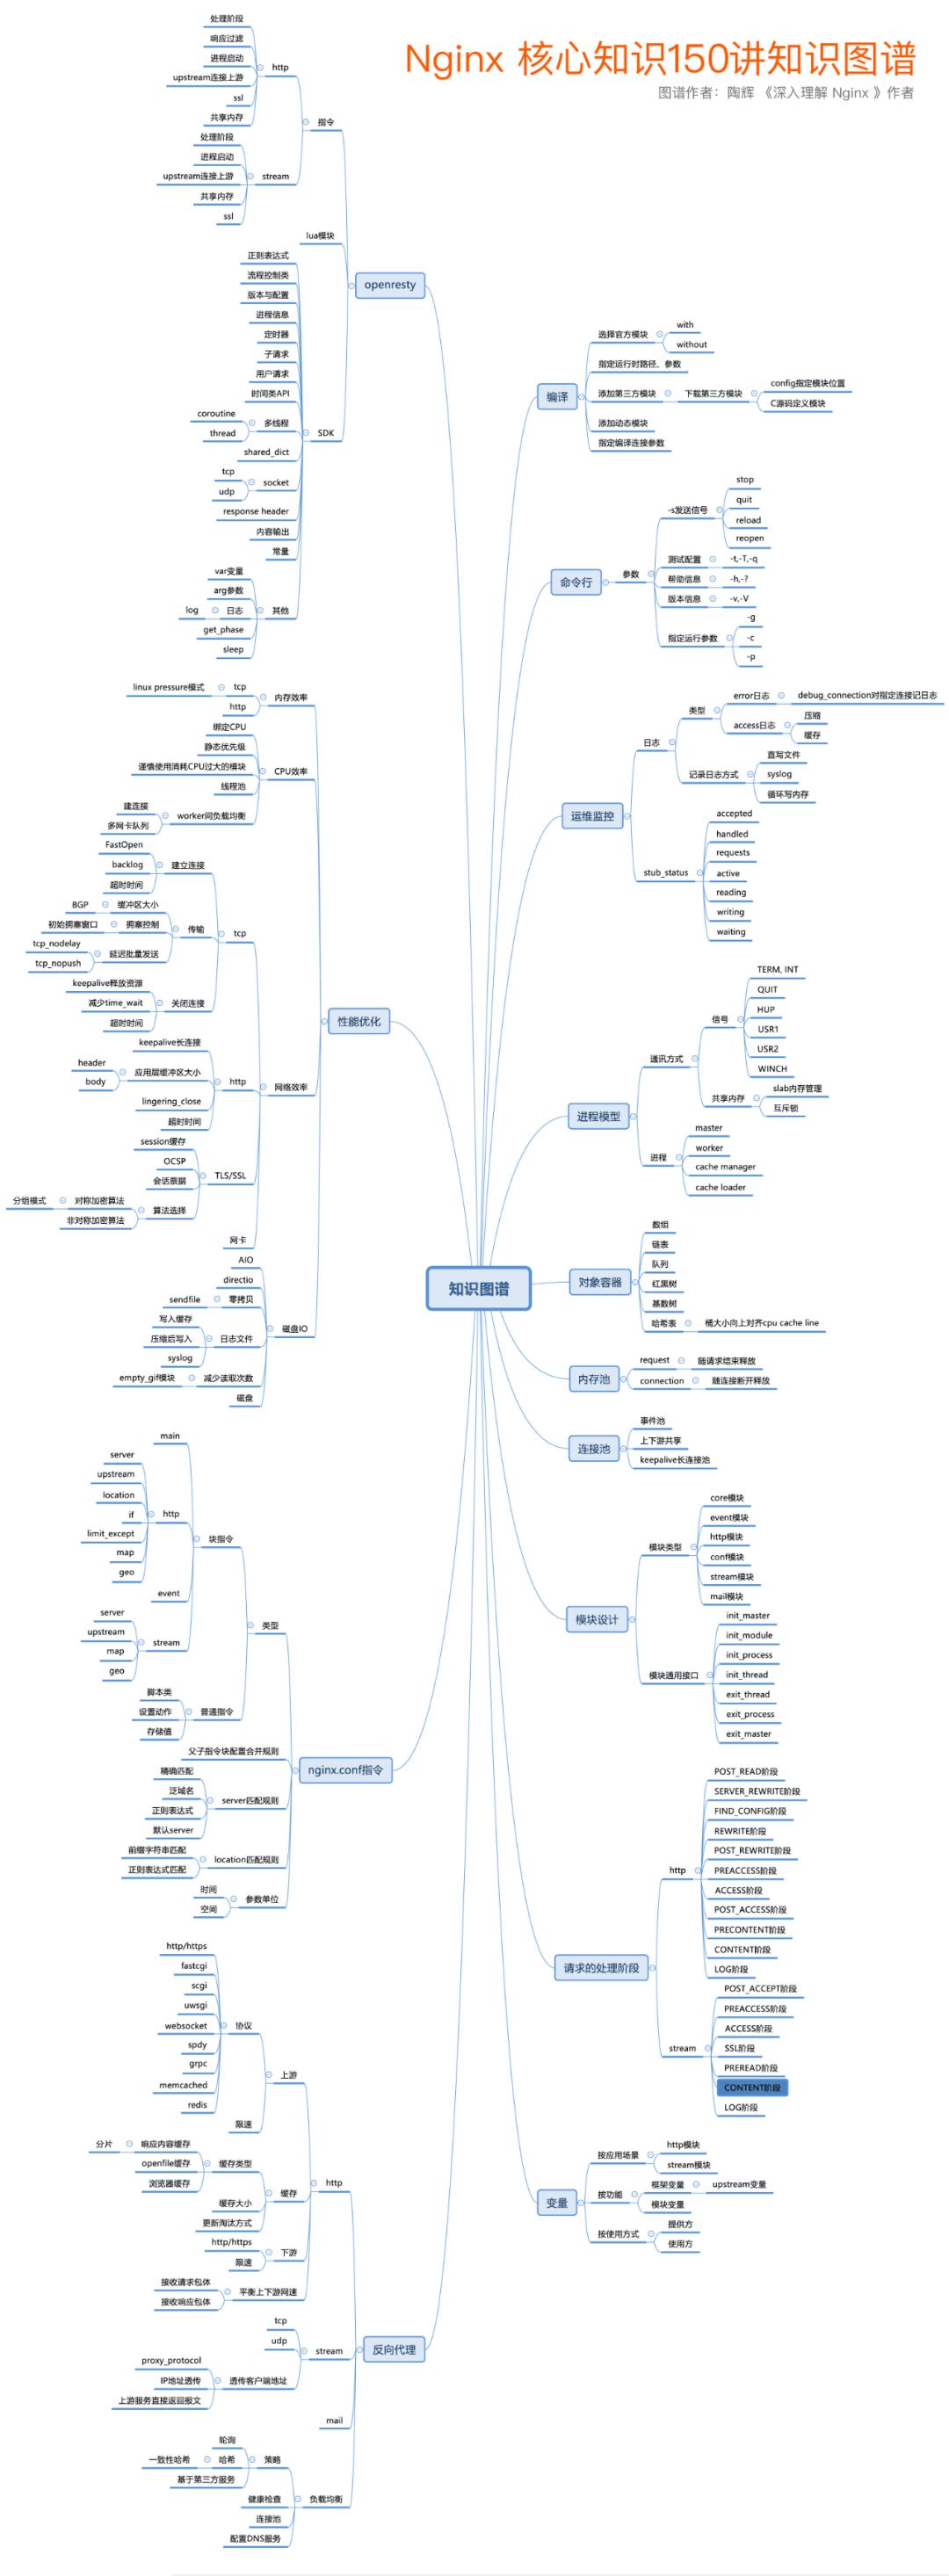 一文梳理 Nginx 的称霸之路|极客时间